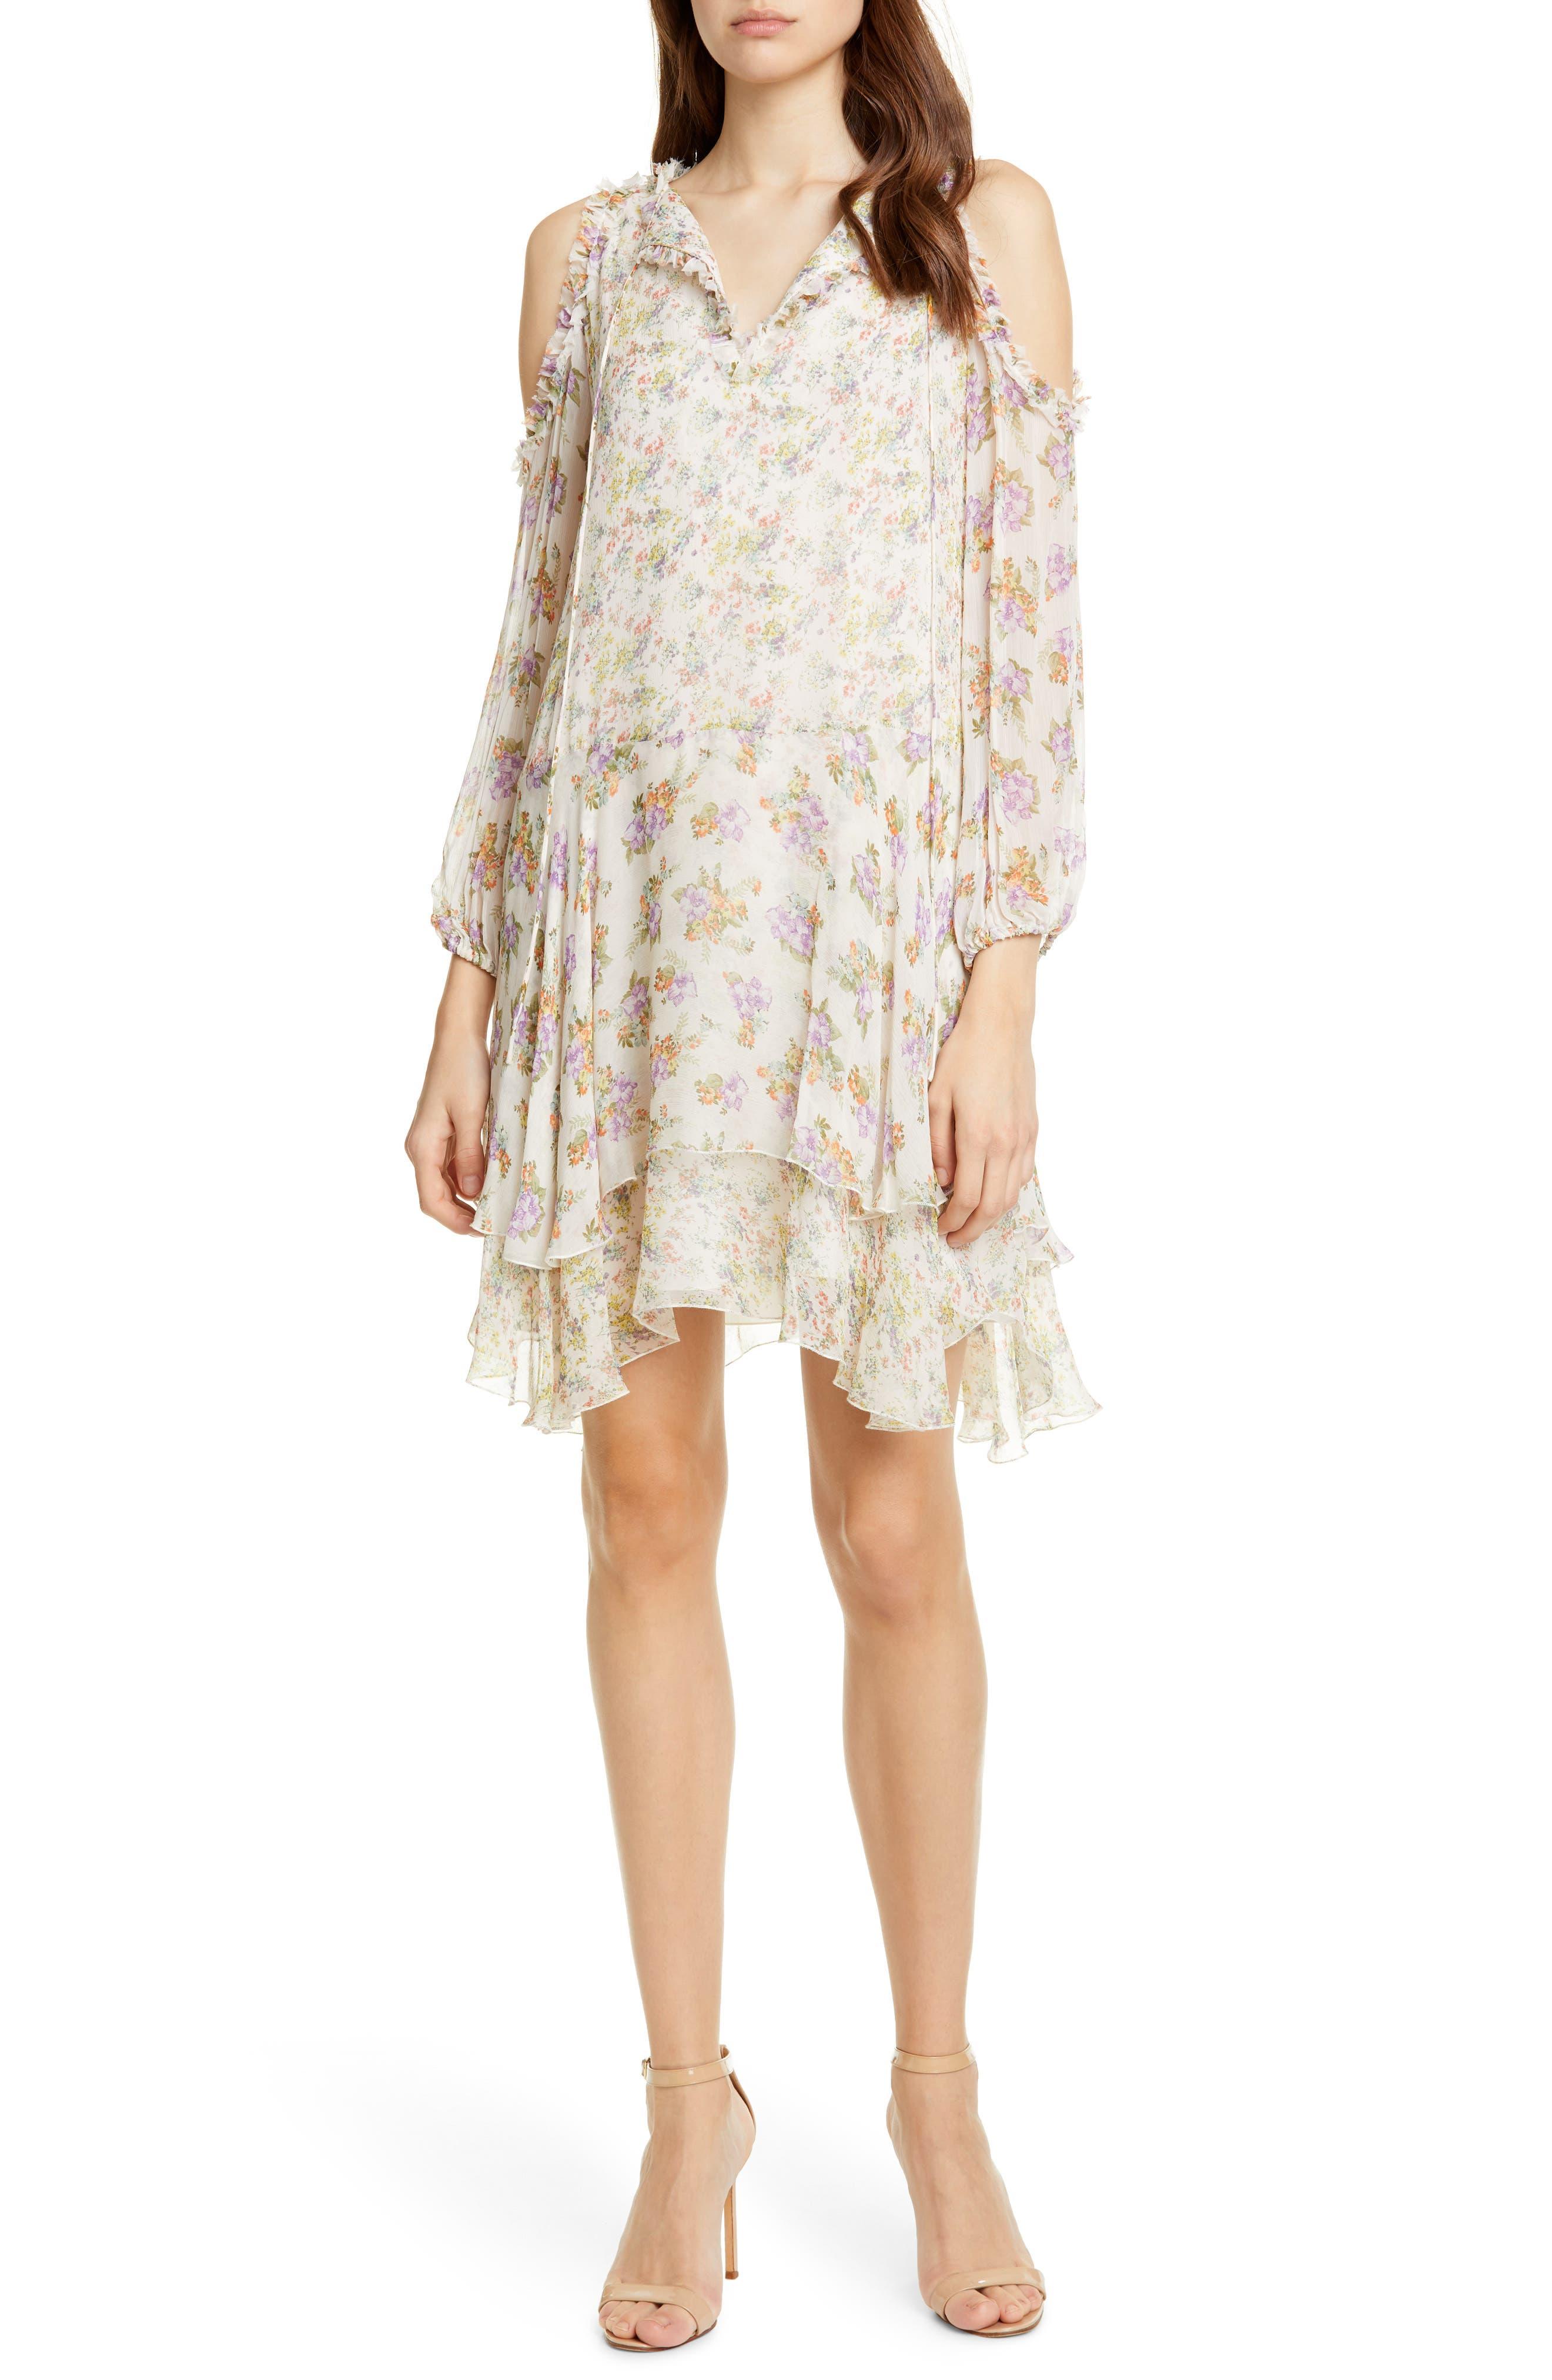 Alice + Olivia Glynda Floral Ruffle Cold Shoulder Dress